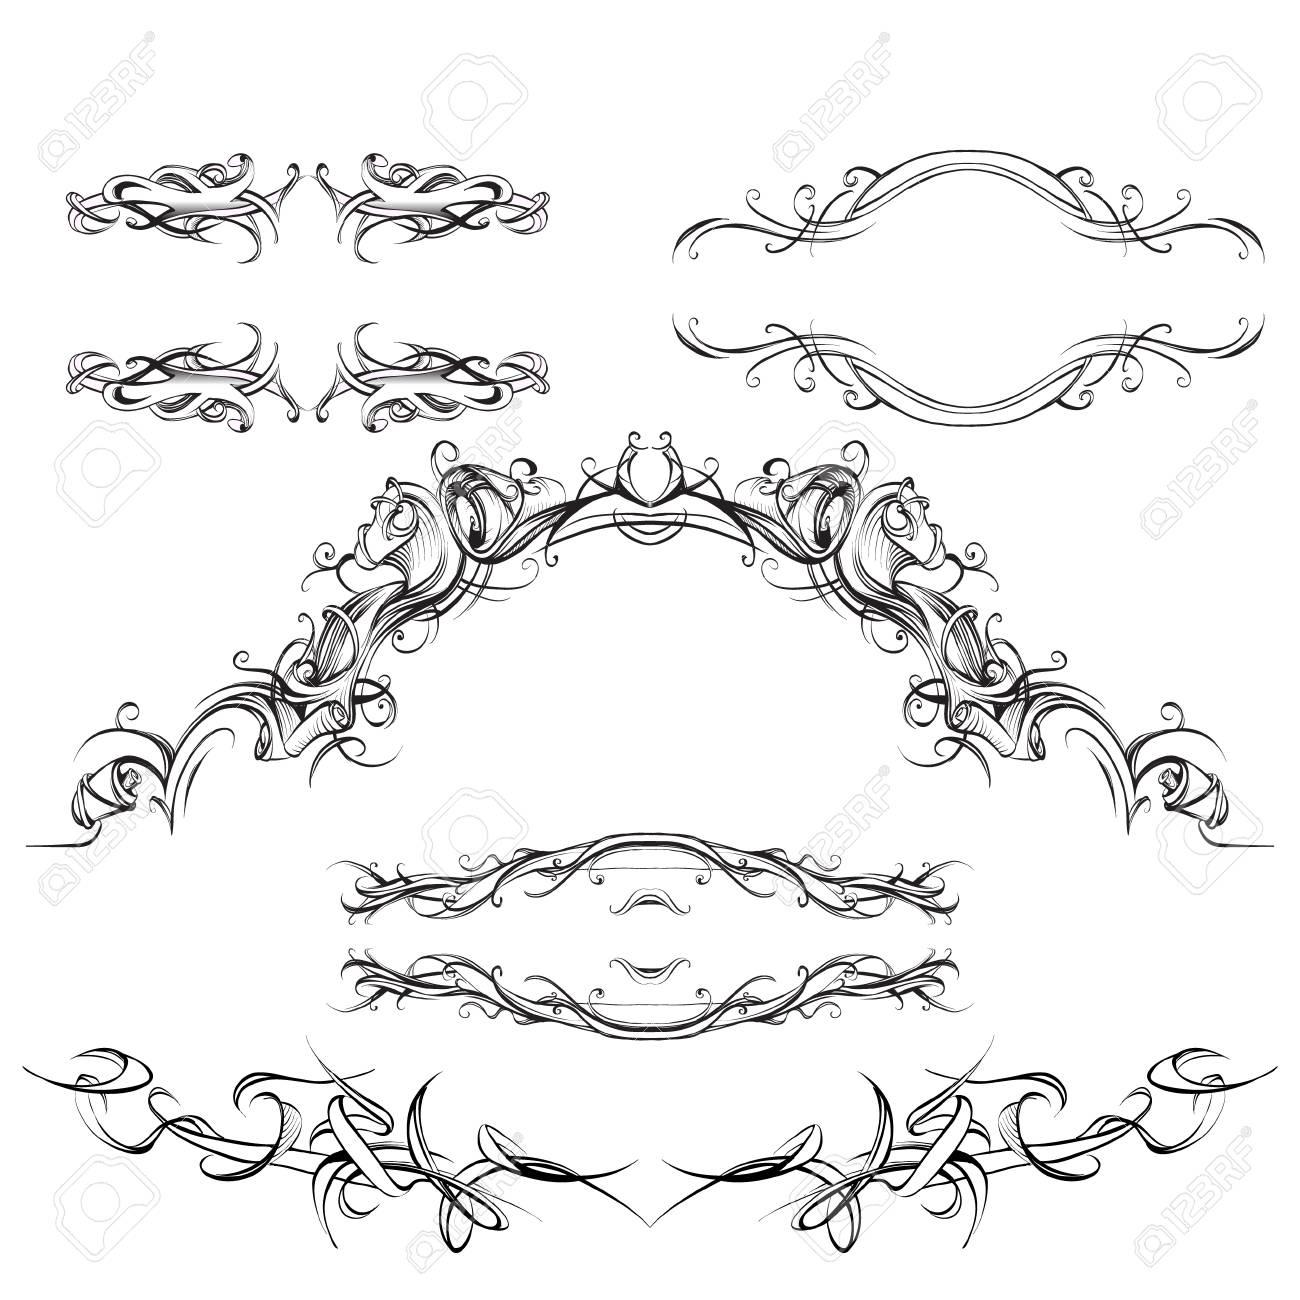 Elementos Decorativos De Estilo Vintage Para El Diseño De La ...